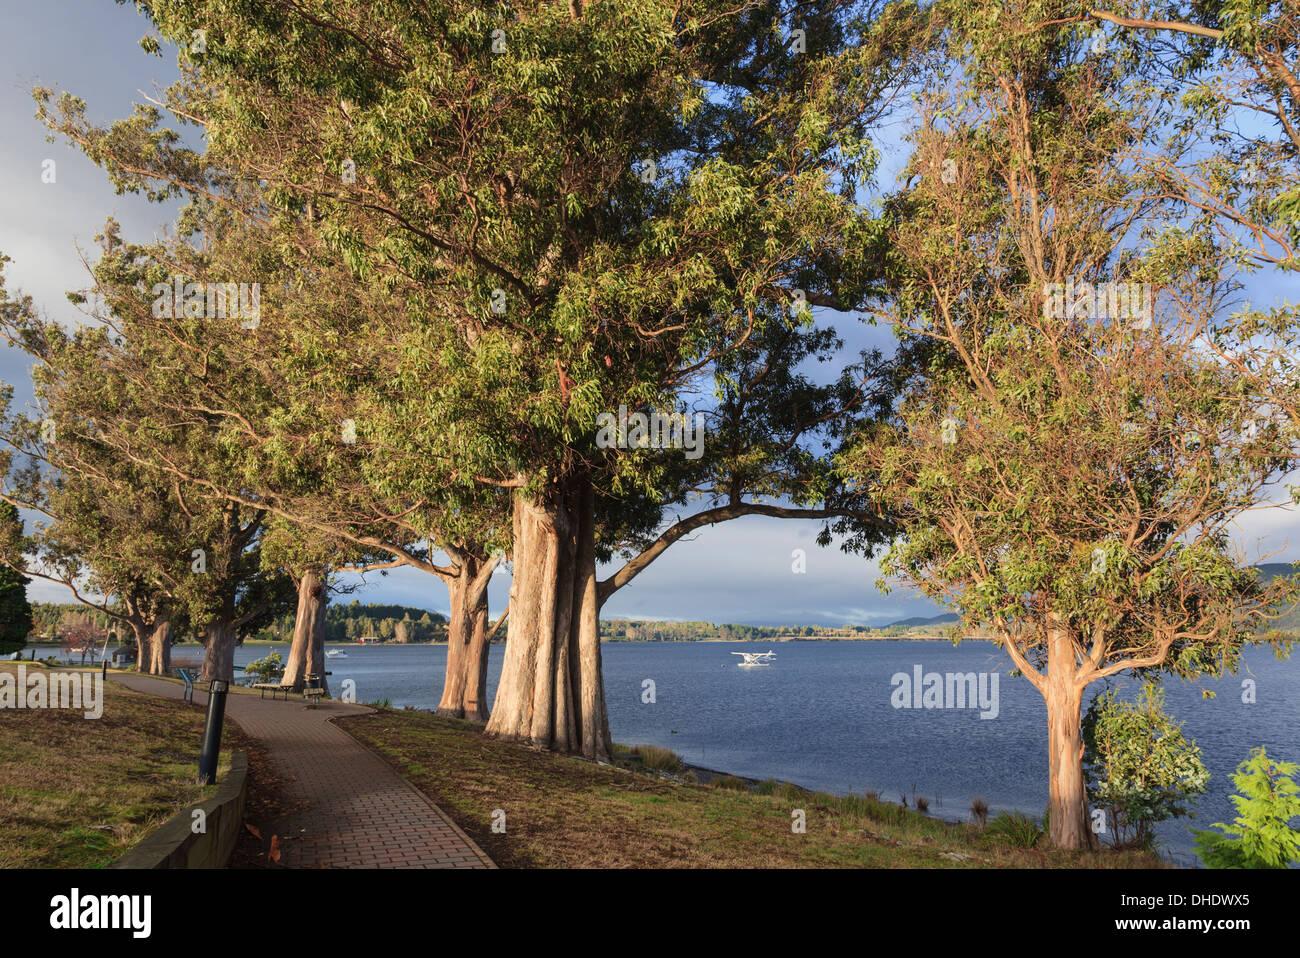 Árboles de eucalipto y lakeside senda en la orilla junto al Lago Te Anau, Southland, Isla del Sur, Nueva Zelanda Imagen De Stock